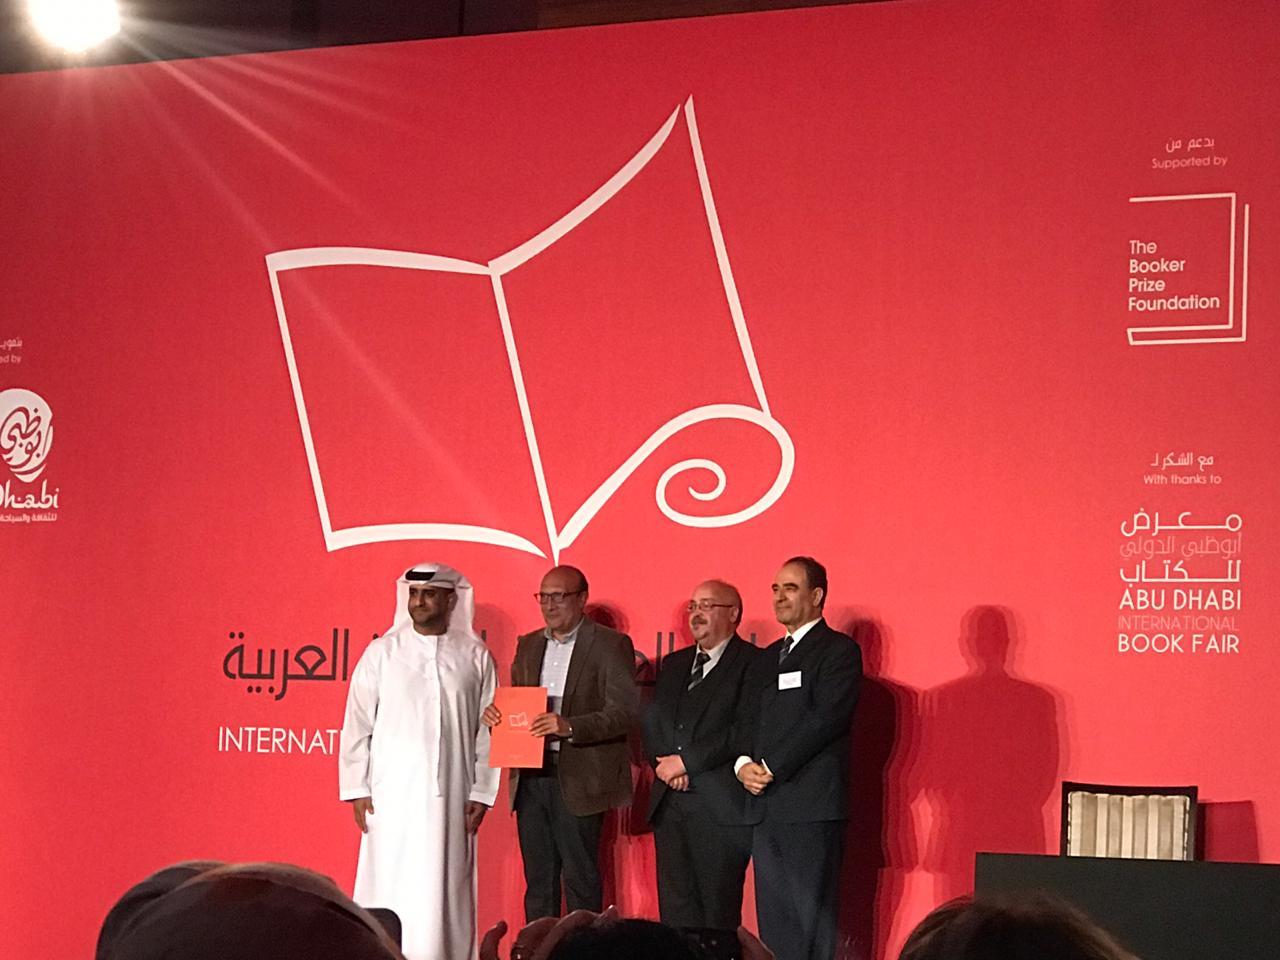 تكريم عادل عصمت لوصول روايته الوصايا للقائمة القصيرة لجائزة البوكر